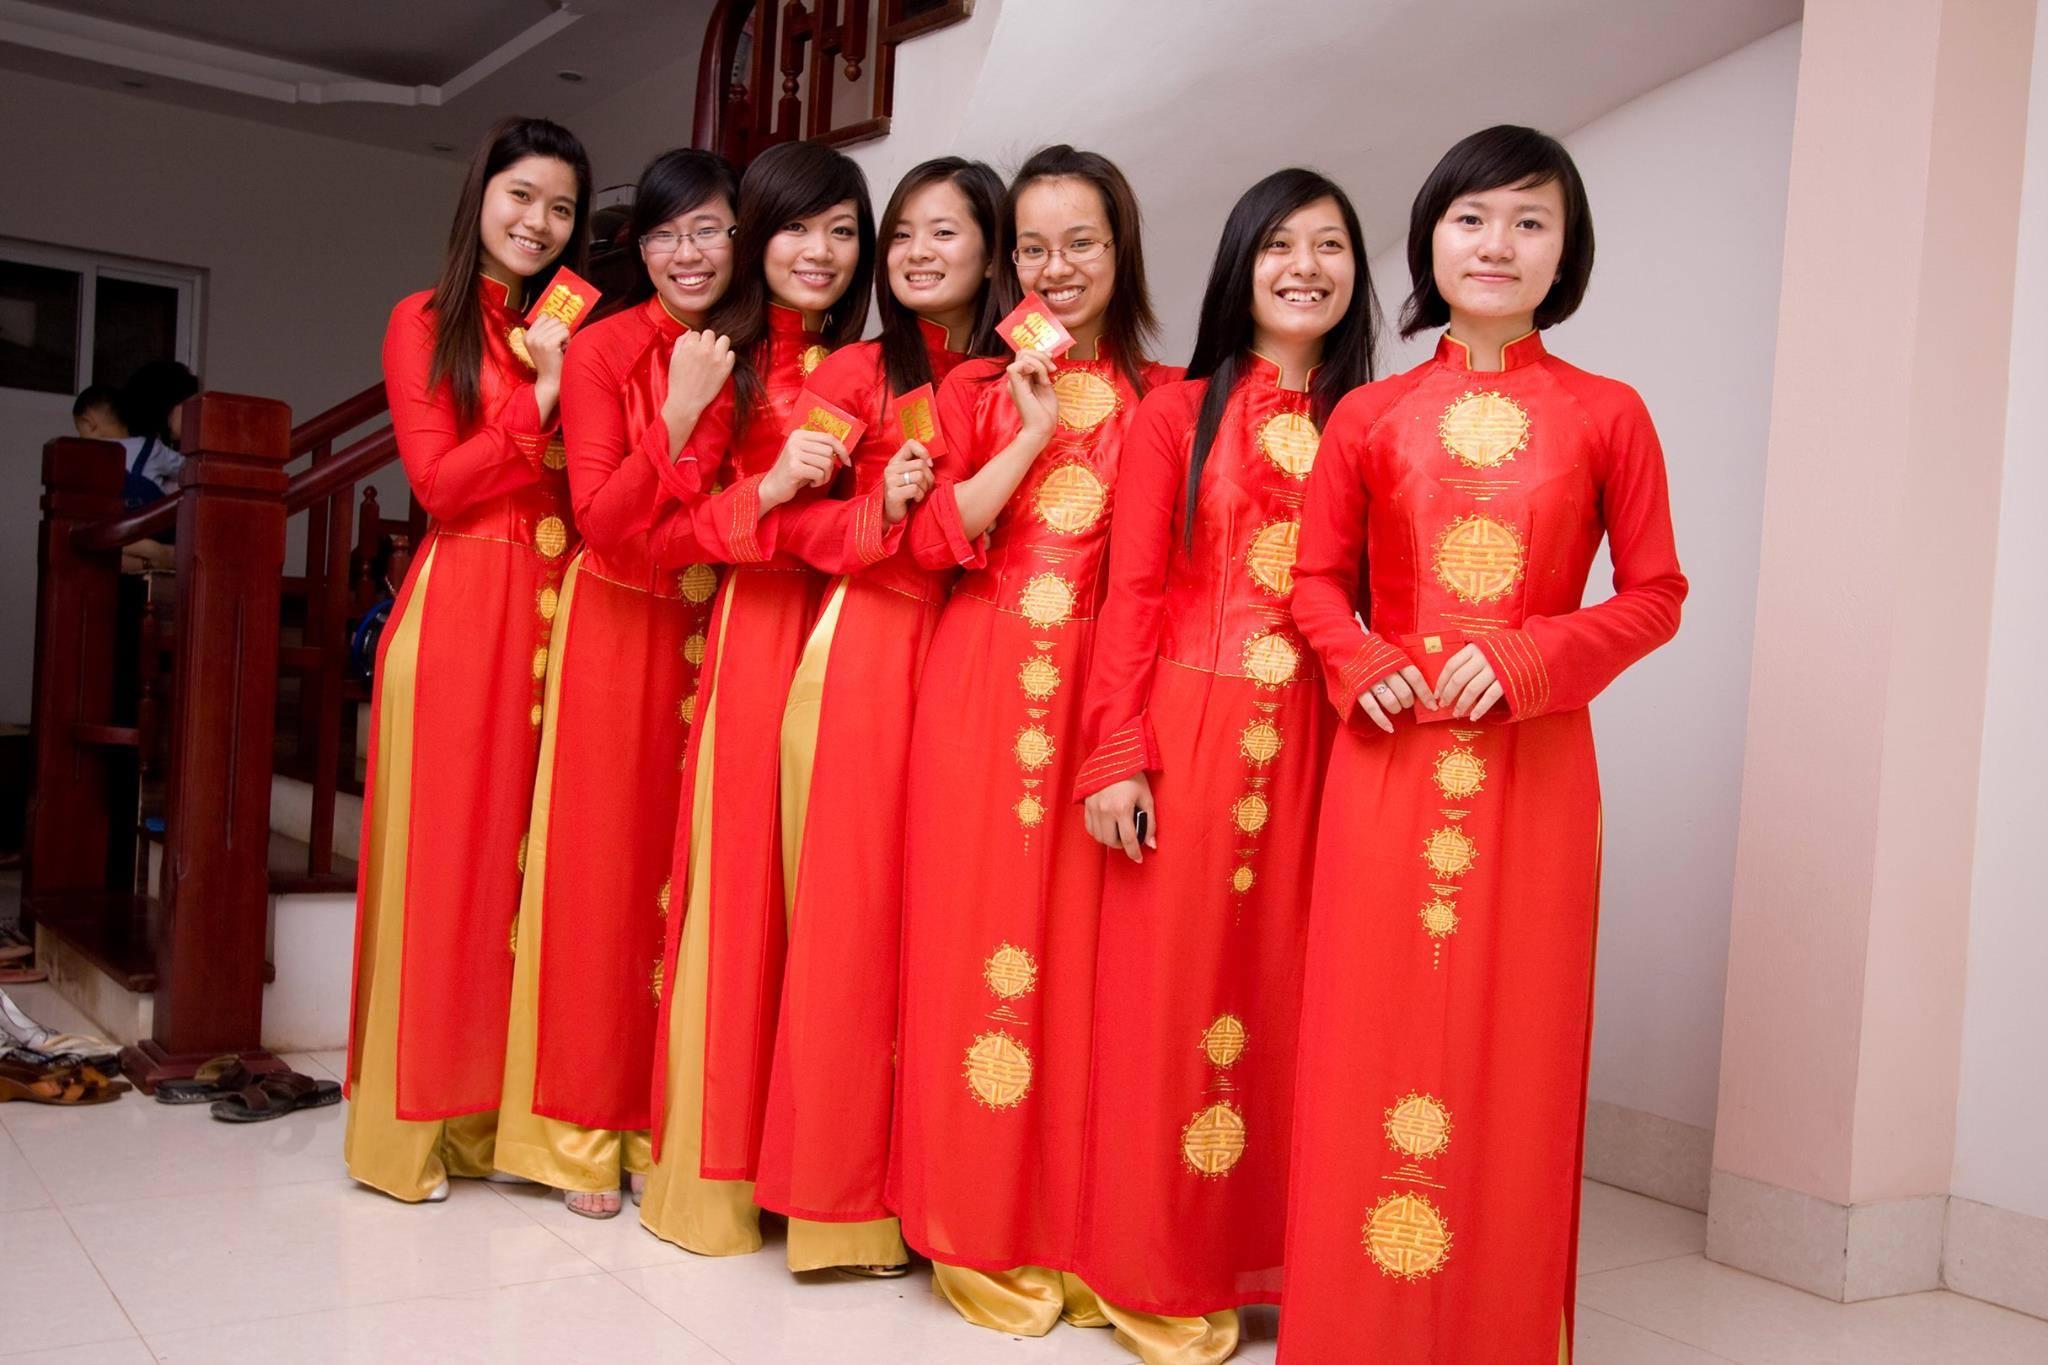 Das Ao Dai Traditionelles Kleidungstuck Vietnams Vietnamesische Und Deutsche Brucke E V Hiệp Hội Nhịp Cầu Việt đức